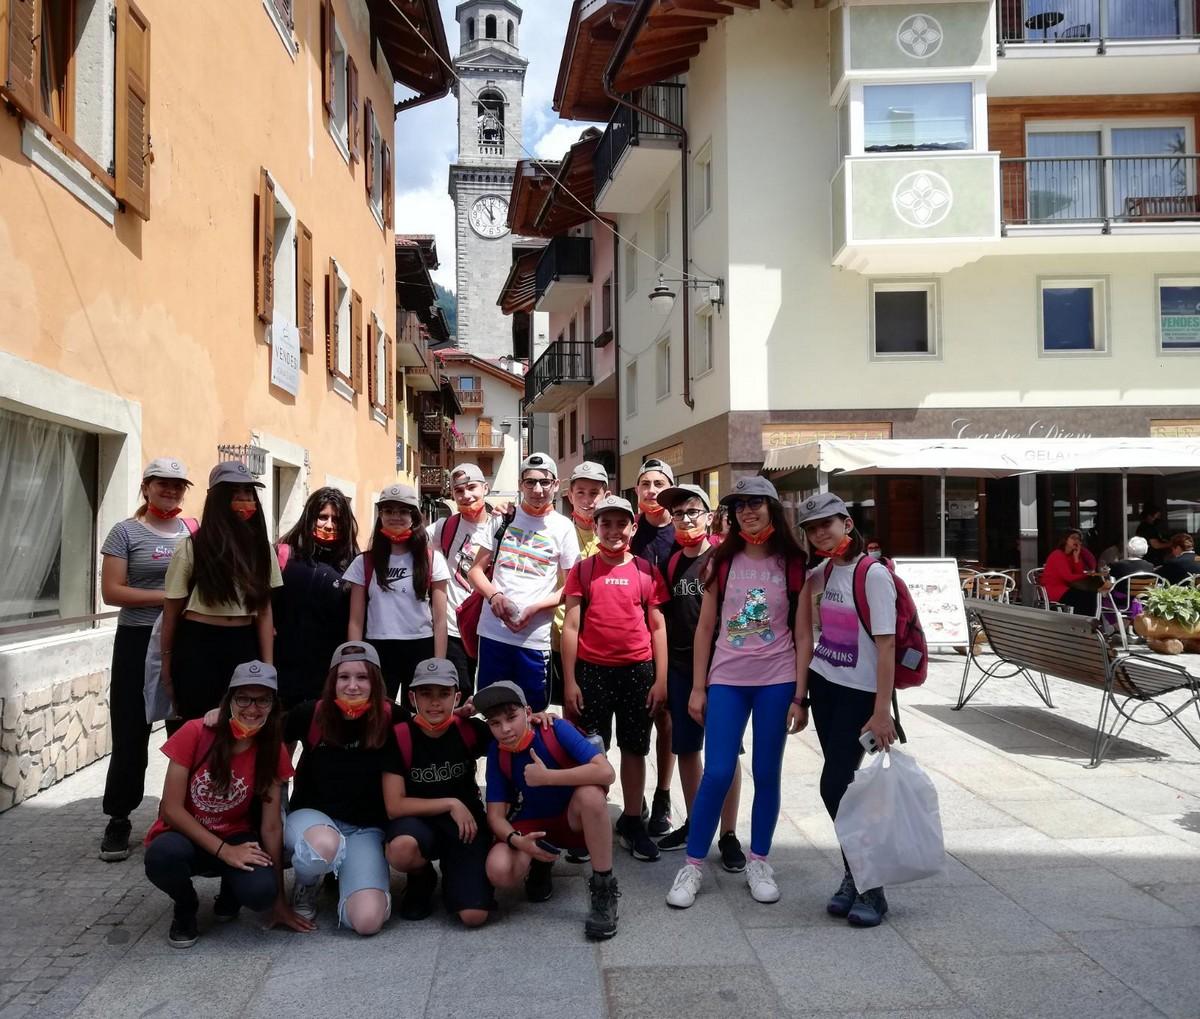 Hotel Terre Comuni 3*** // Inglese tra le Dolomiti // Senior Archivi --TERRE-COMUNI-INGLESE-TRA-LE-DOLOMITI-TURNO-1-GIORNO-5-8